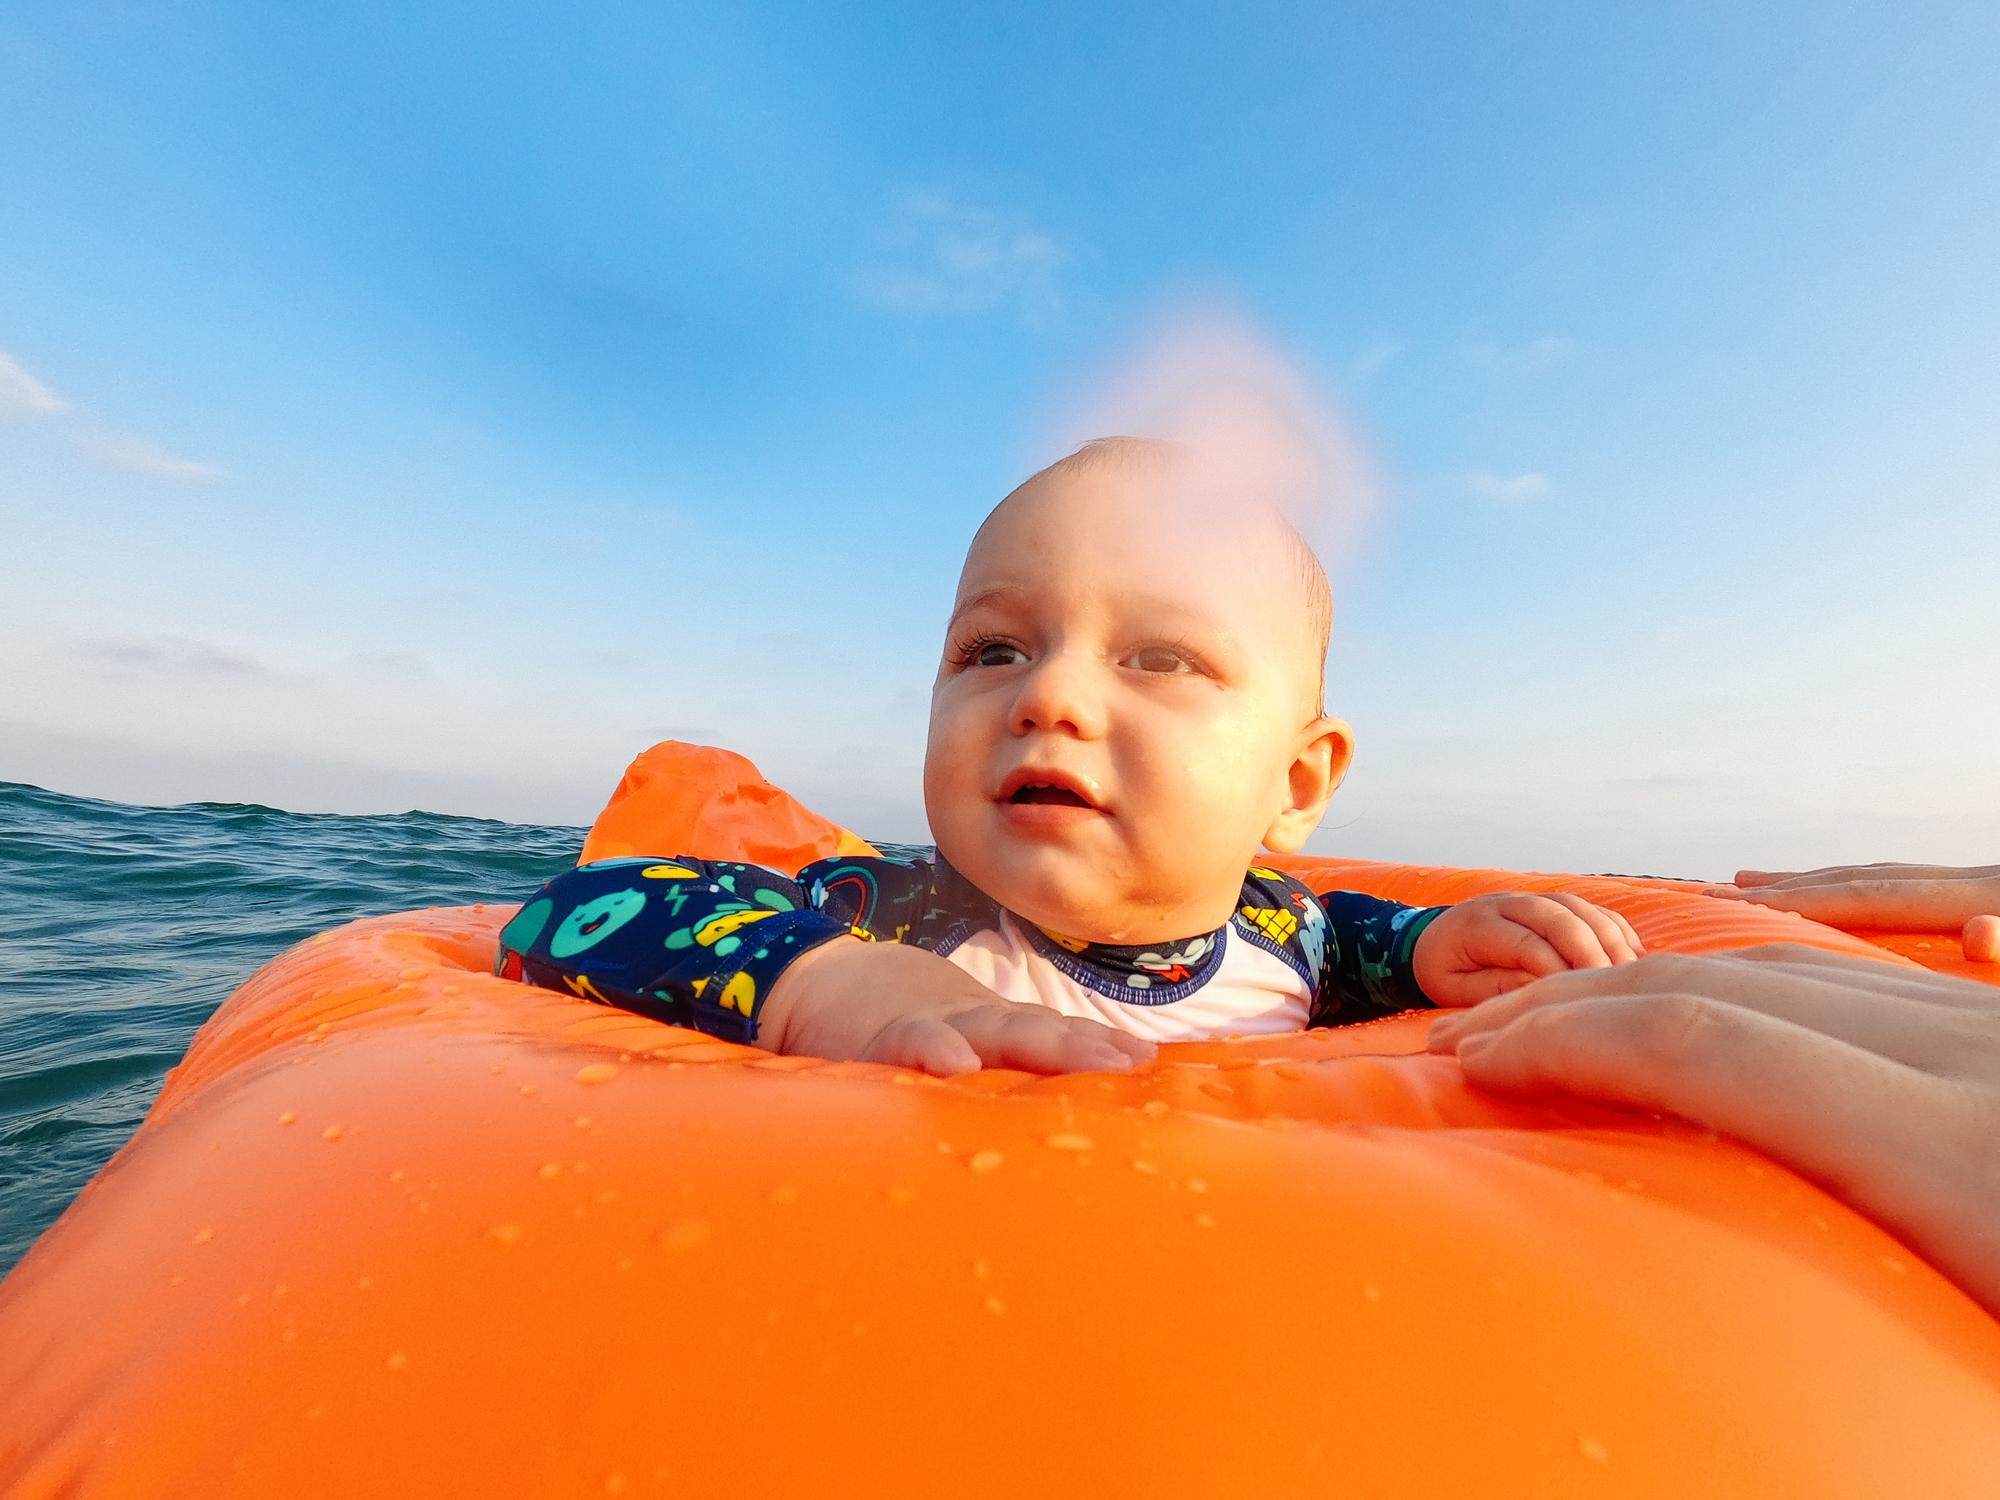 L'incroyable sauvetage d'un bébé parti à la dérive sur sa bouée en mer